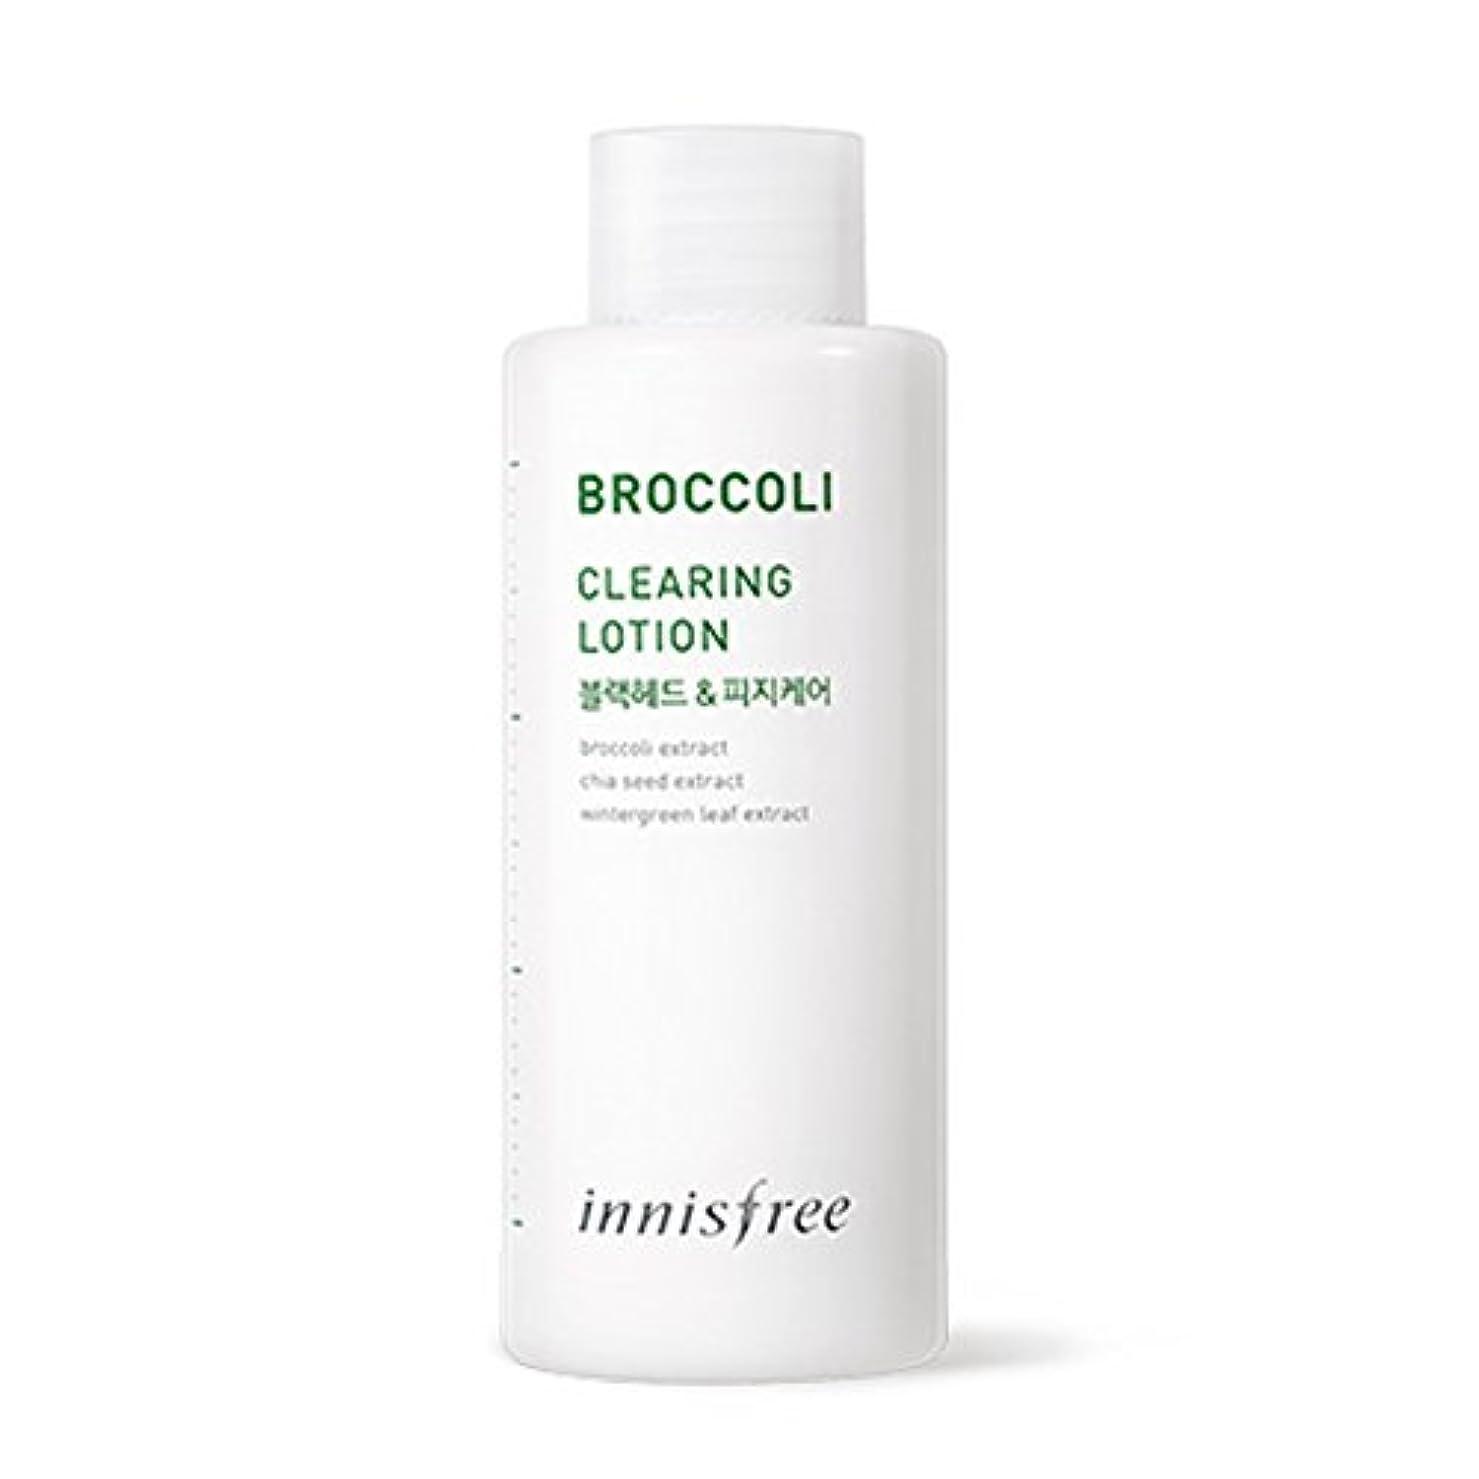 前にボートウェーハイニスフリーブロッコリークリアリングローション(エマルジョン)130ml Innisfree Broccoli Clearing Lotion(Emulsion) 130ml [海外直送品][並行輸入品]